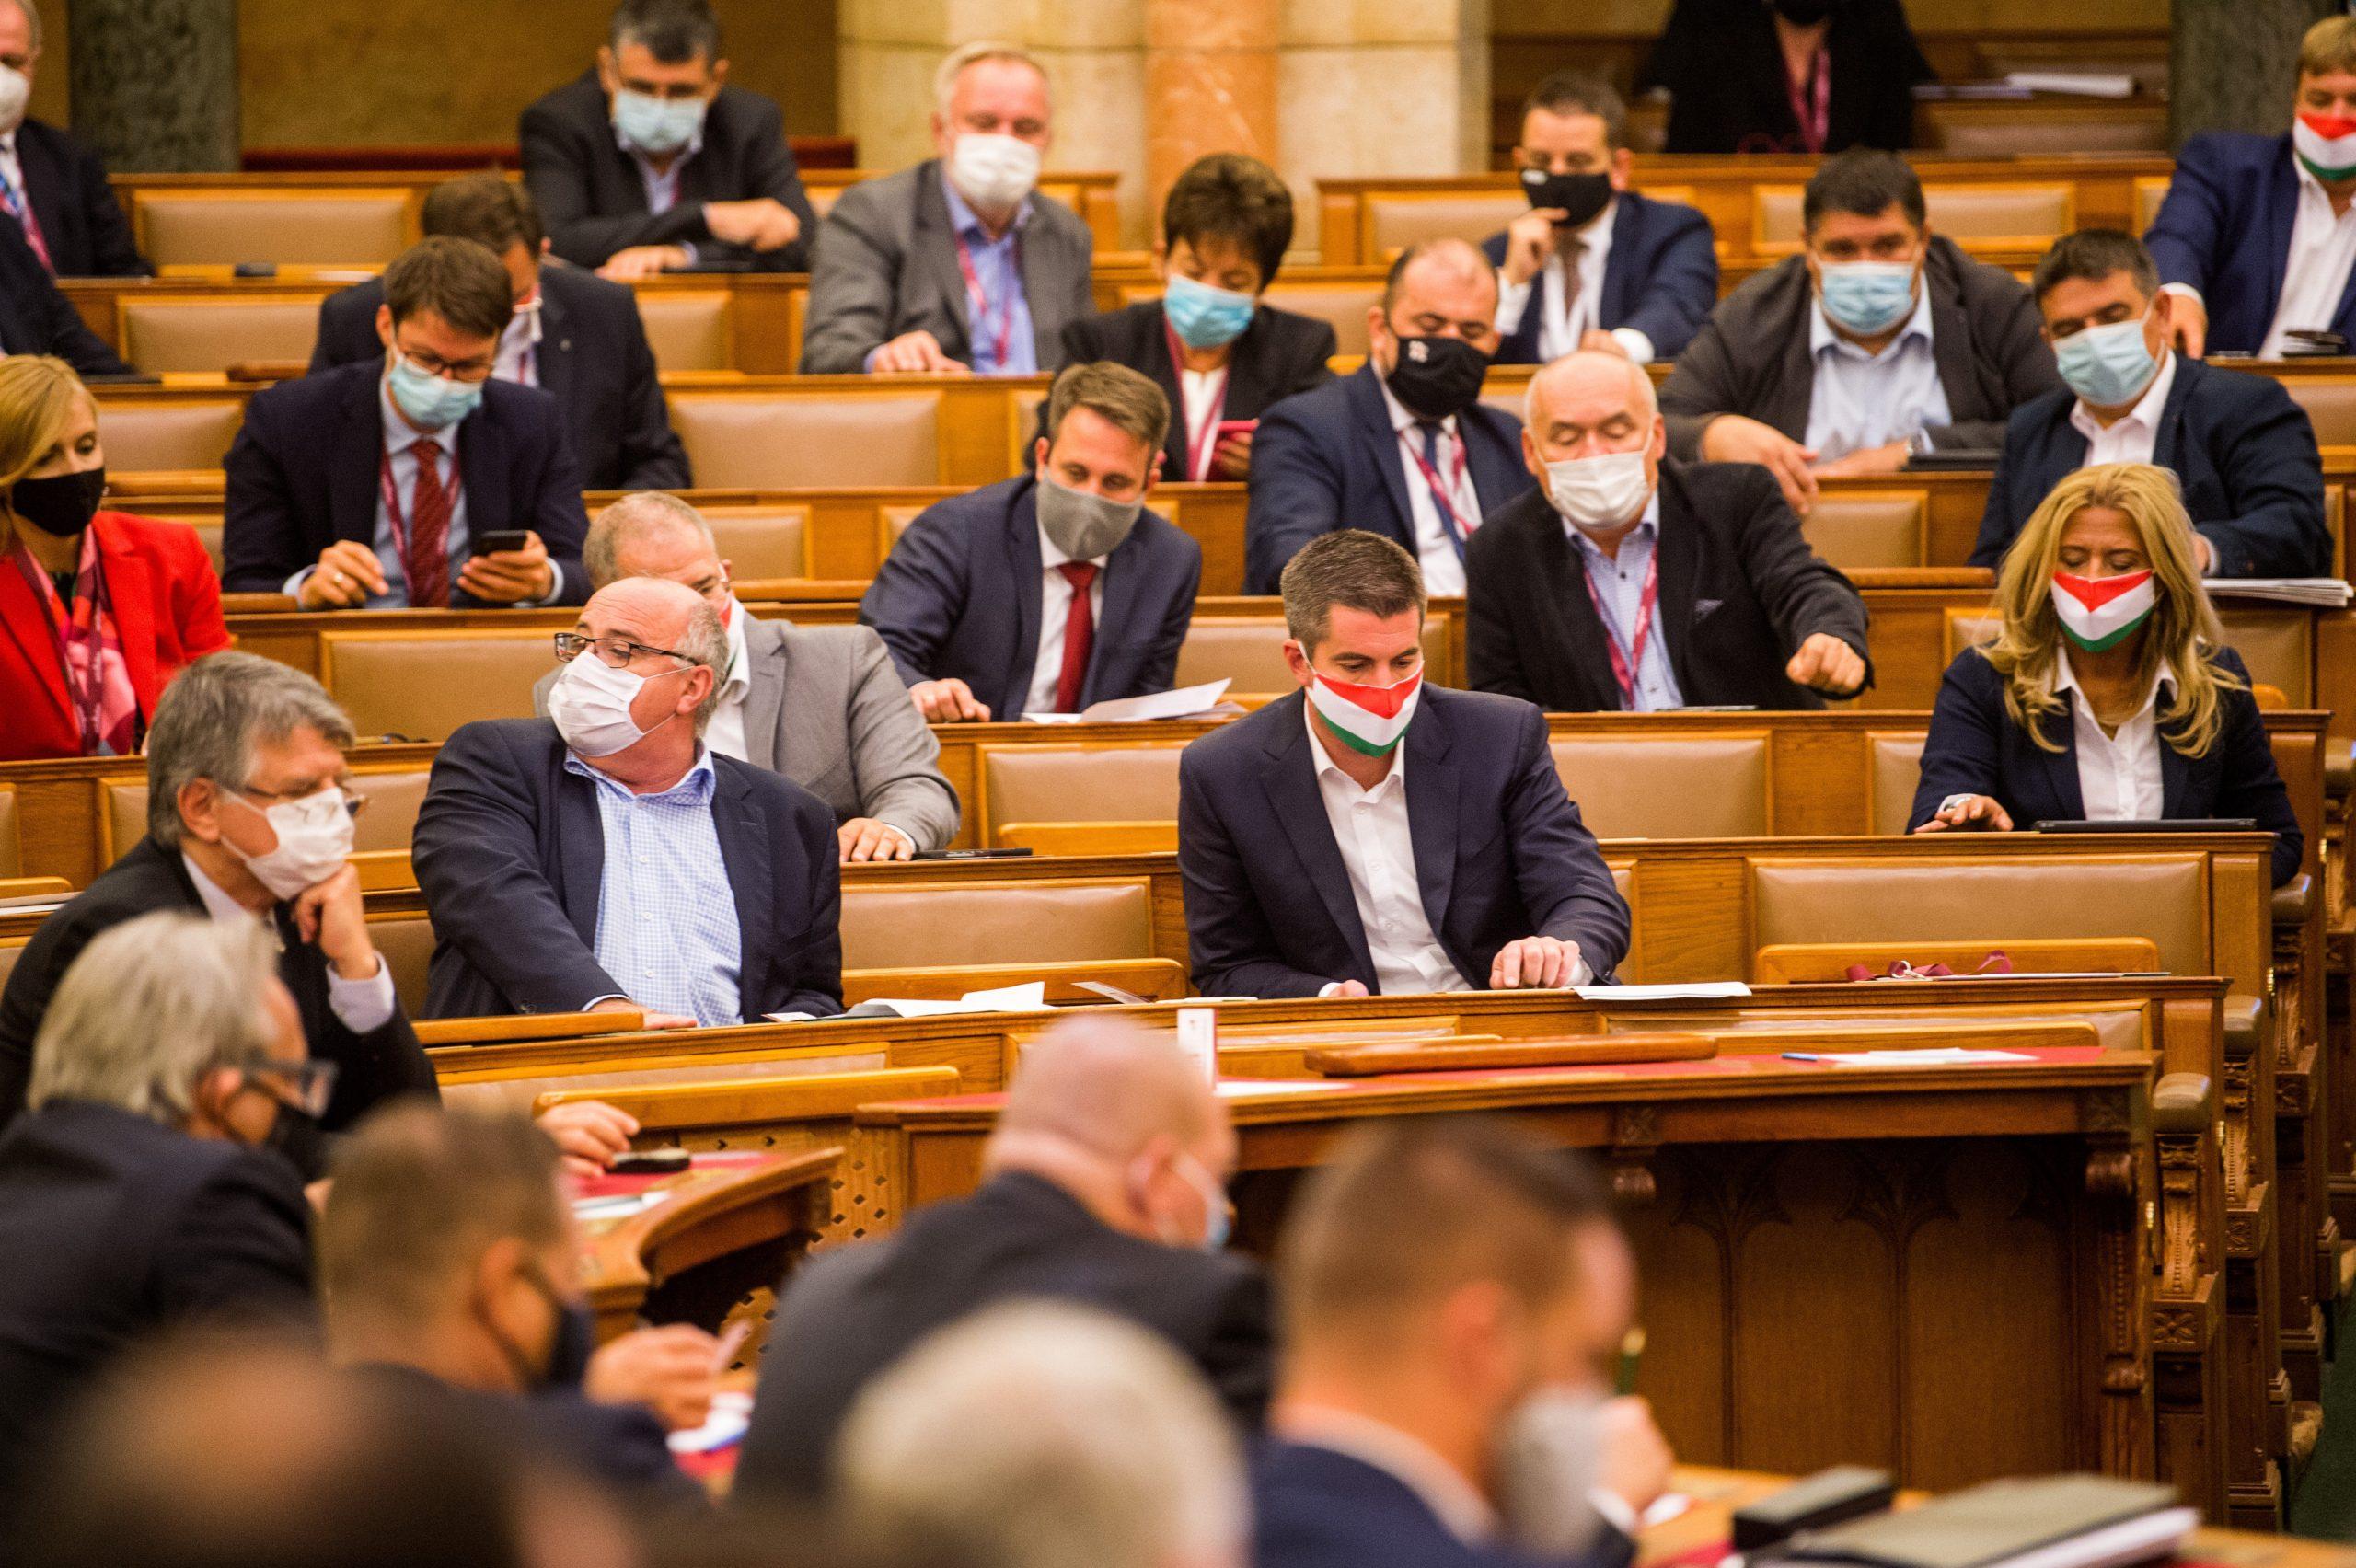 Budapost: Parlamentswahl 2022 - Chancen der vereinten Opposition